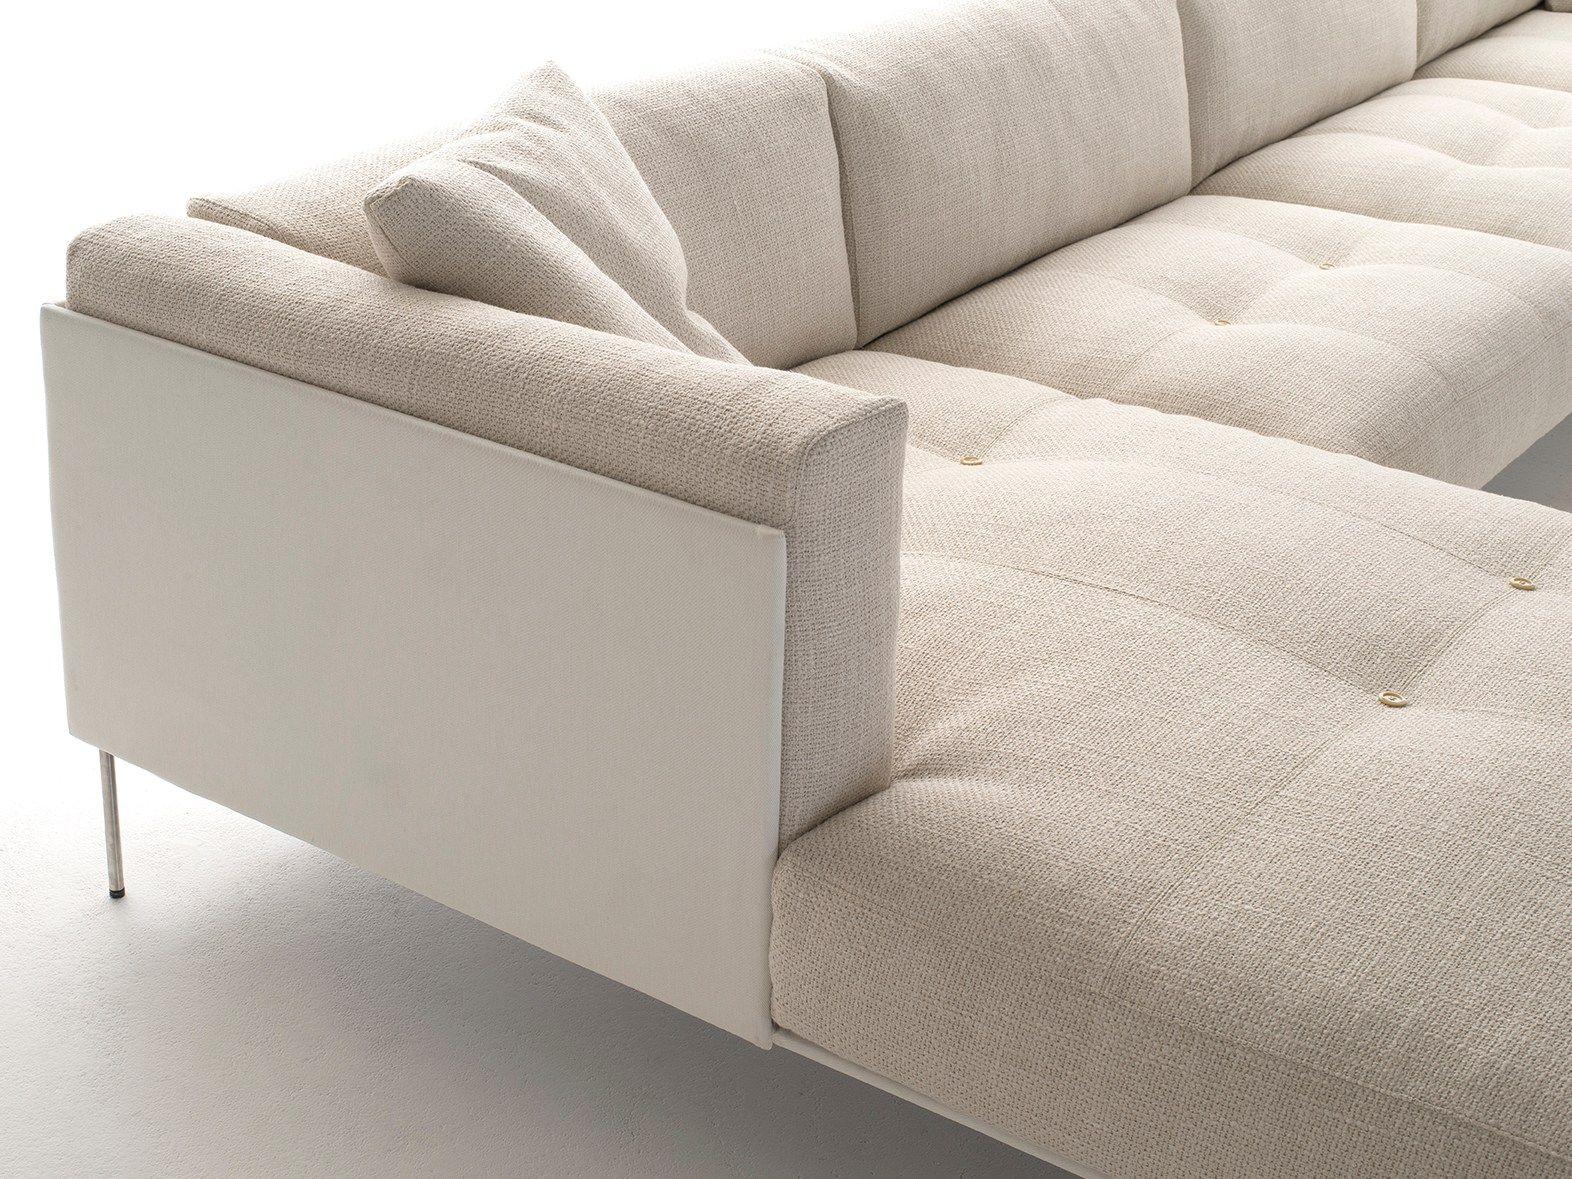 Rod divano componibile by living divani design piero lissoni for Living divani prezzi